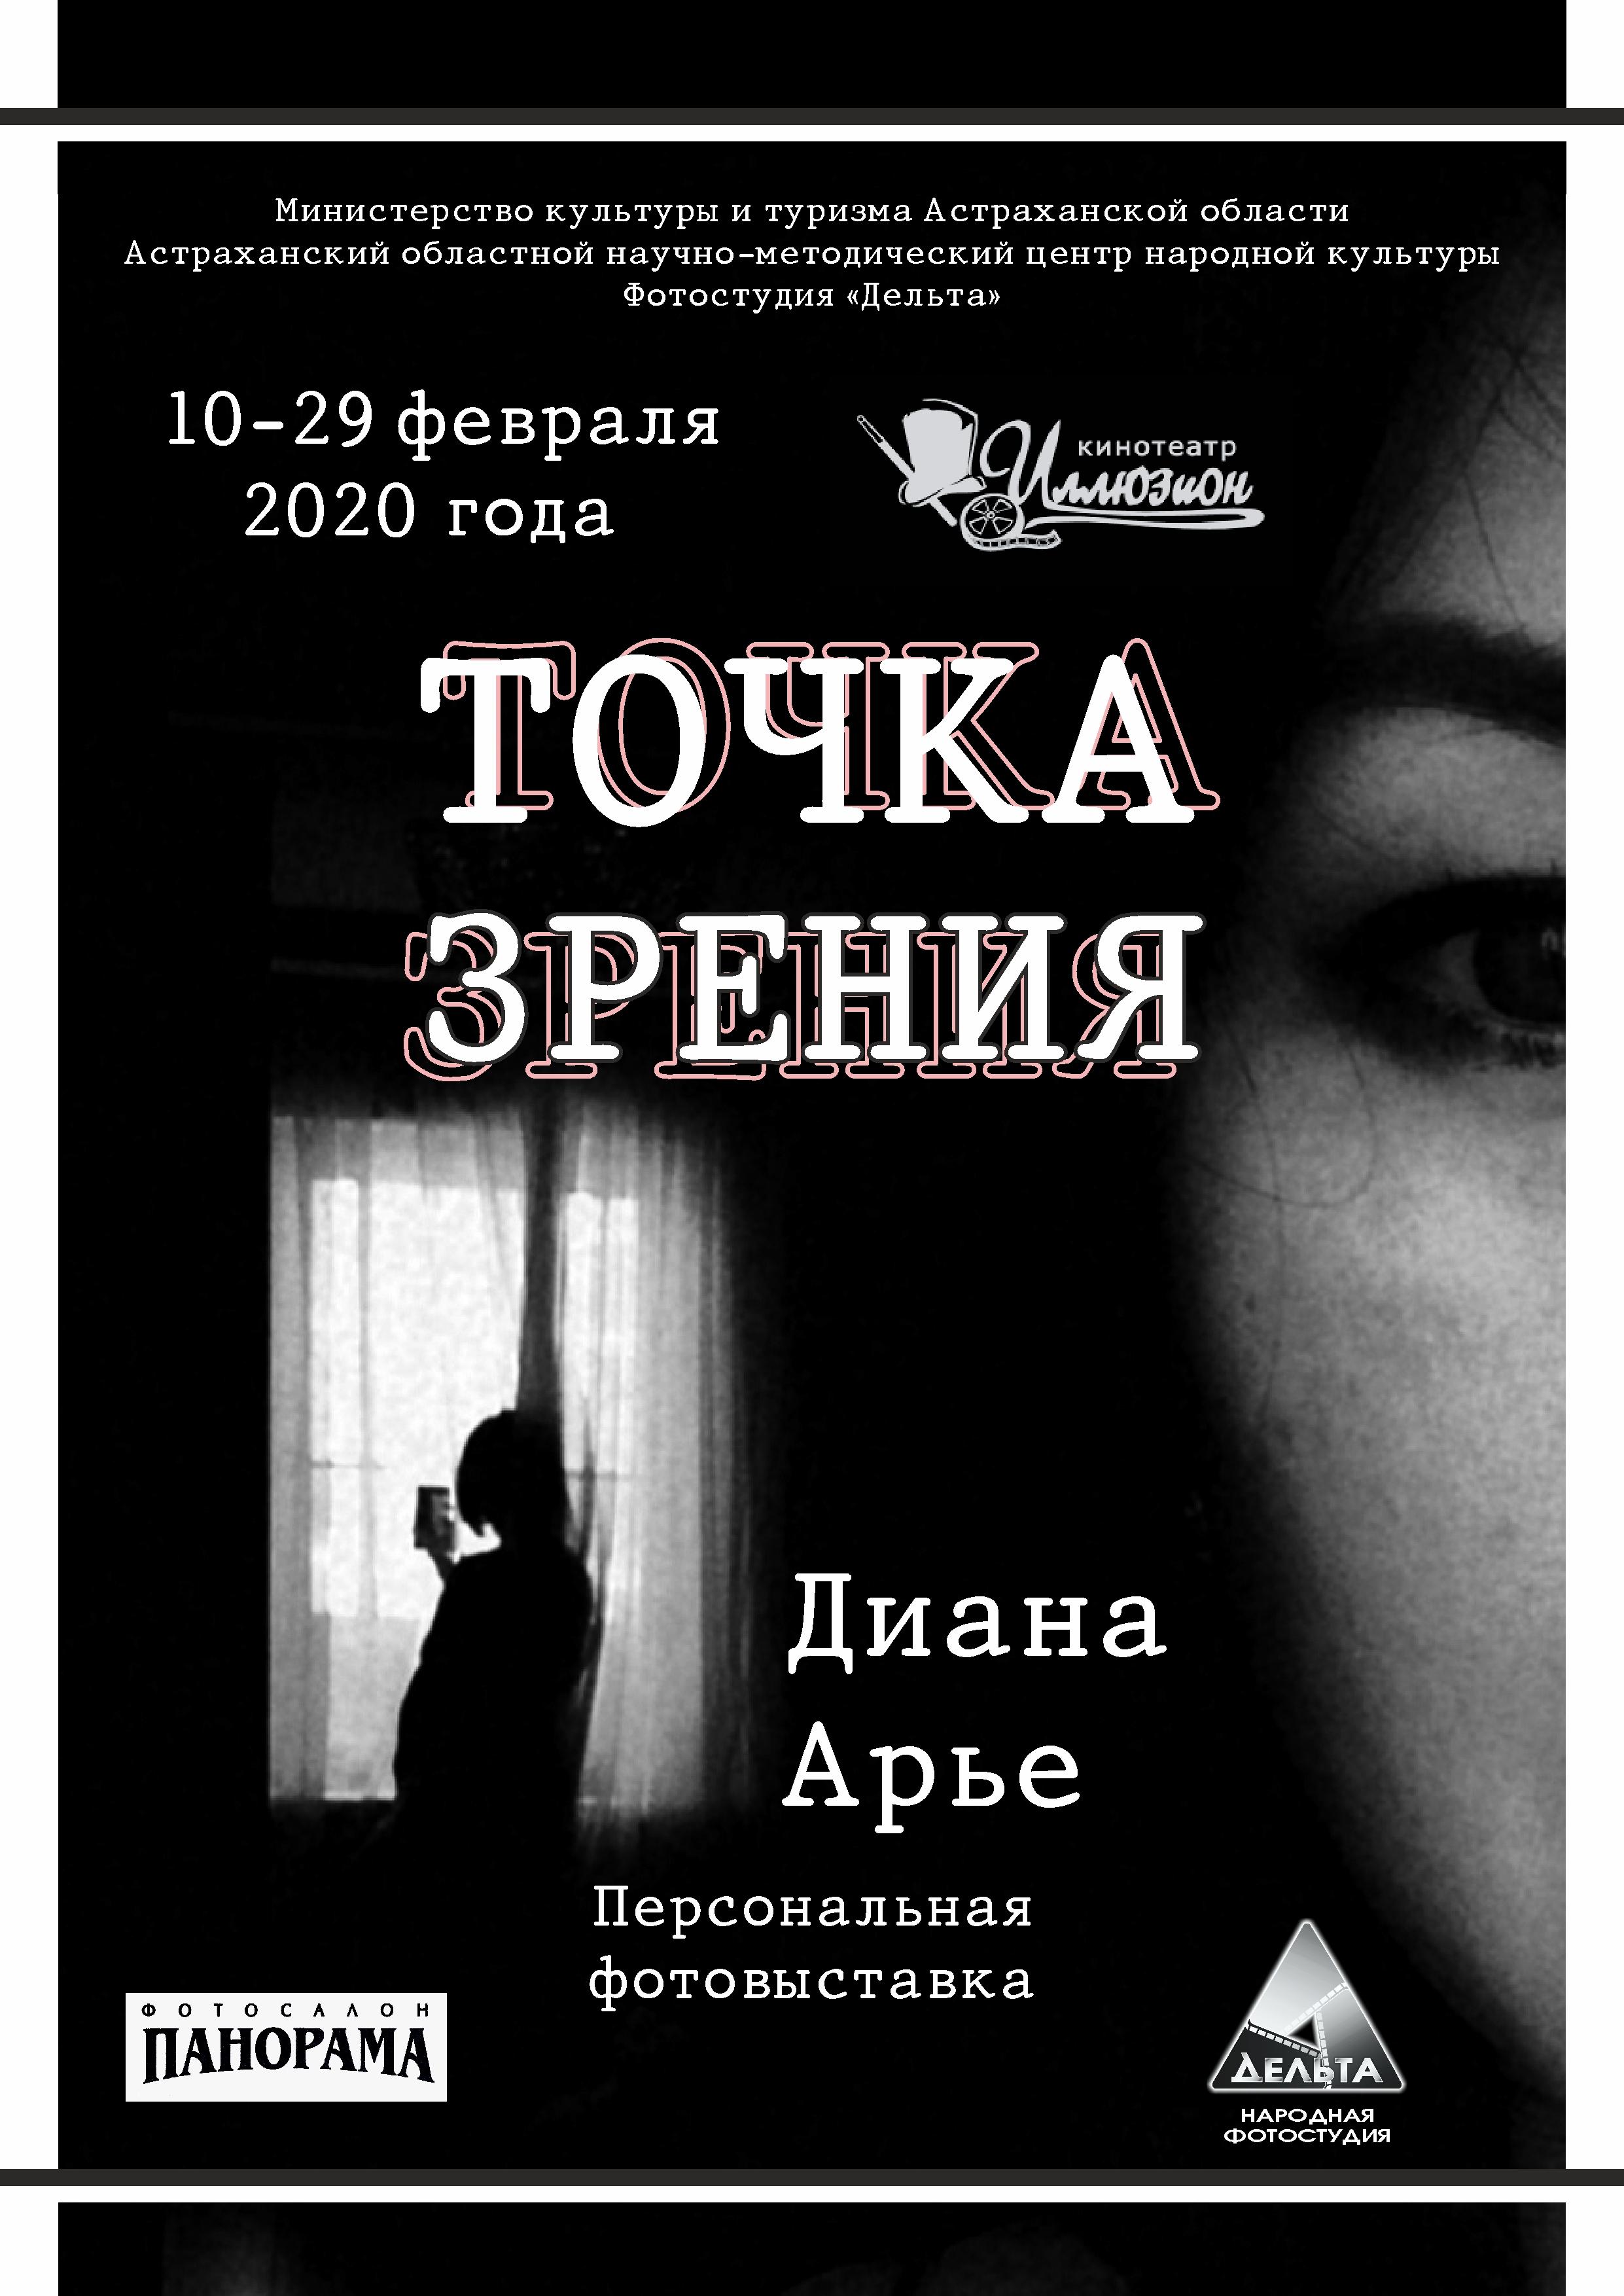 В Астрахани открывается фотовыставка Дианы Арье